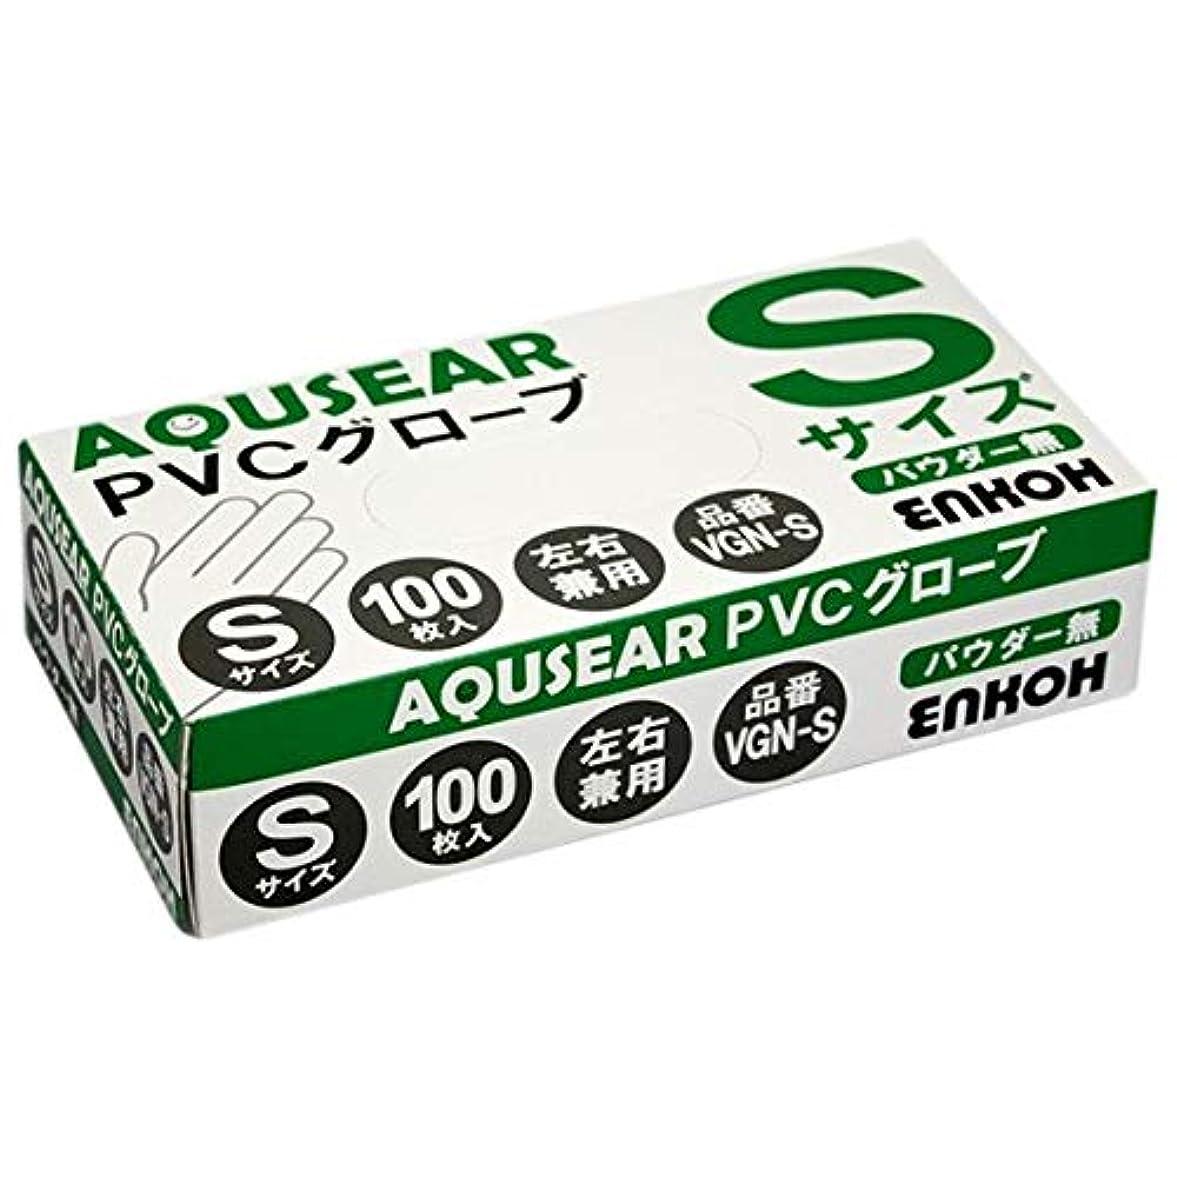 作り上げる機関車軽量AQUSEAR PVC プラスチックグローブ Sサイズ パウダー無 VGN-S 100枚×20箱